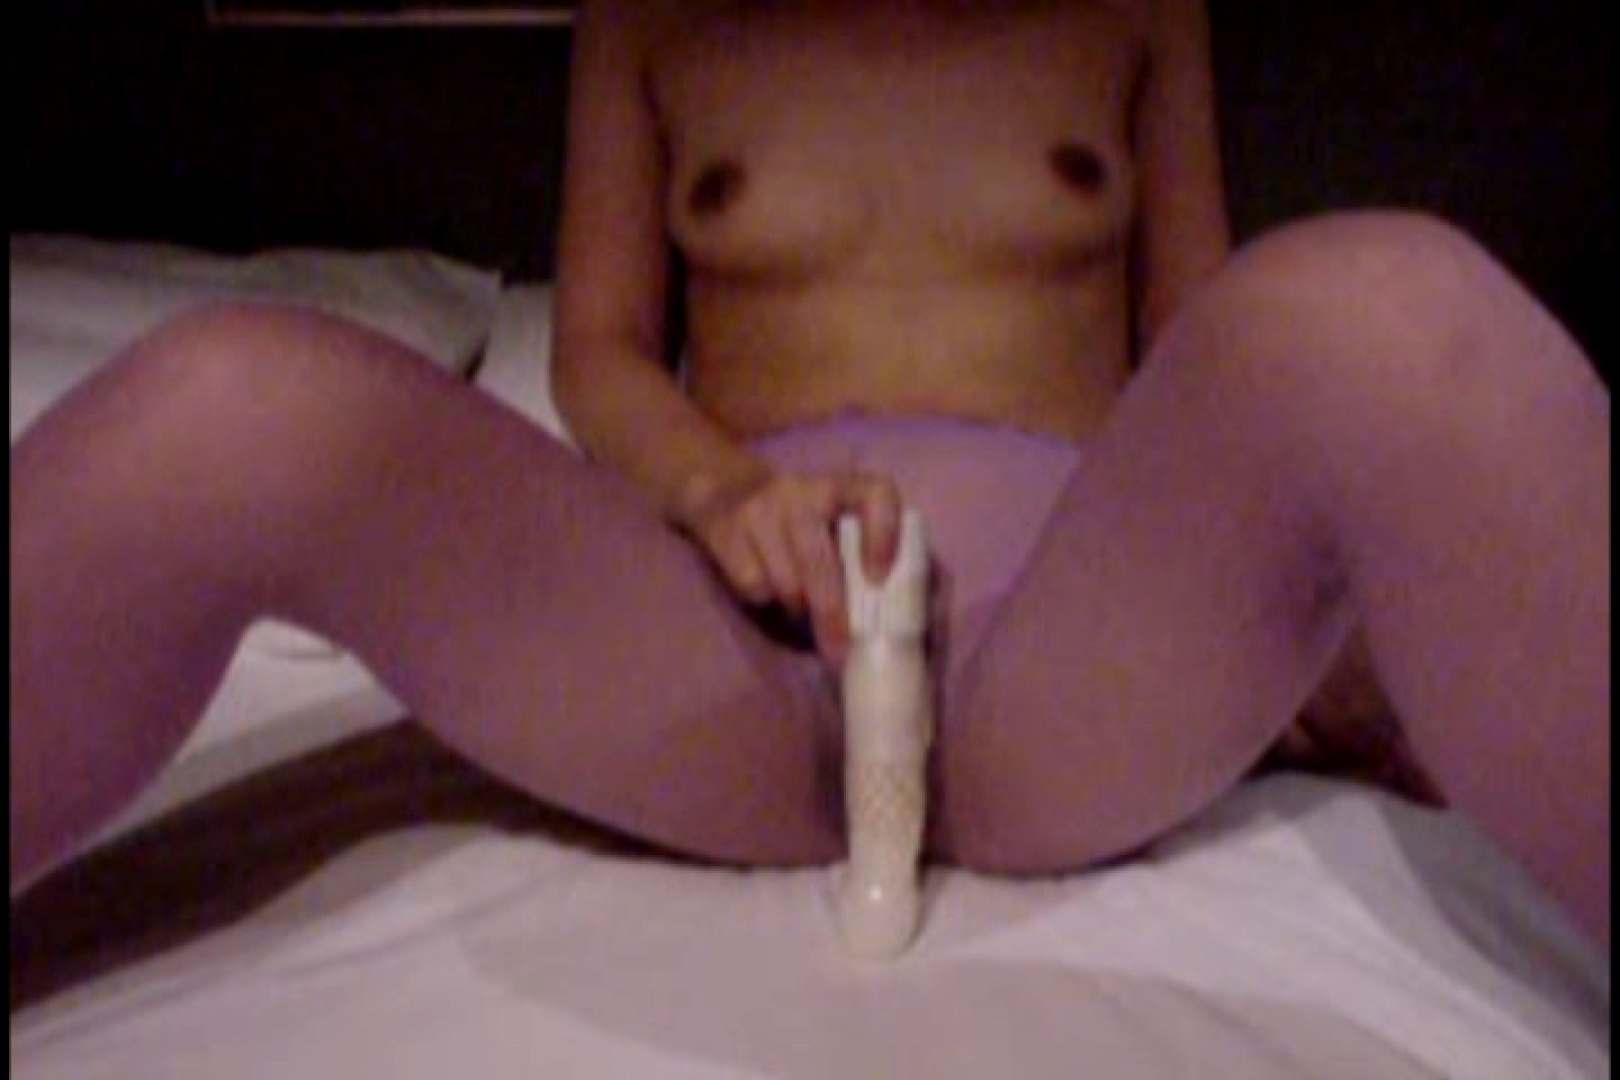 ウイルス流出 九州工学部女子大生藤野瑠美 女子大生  83連発 31